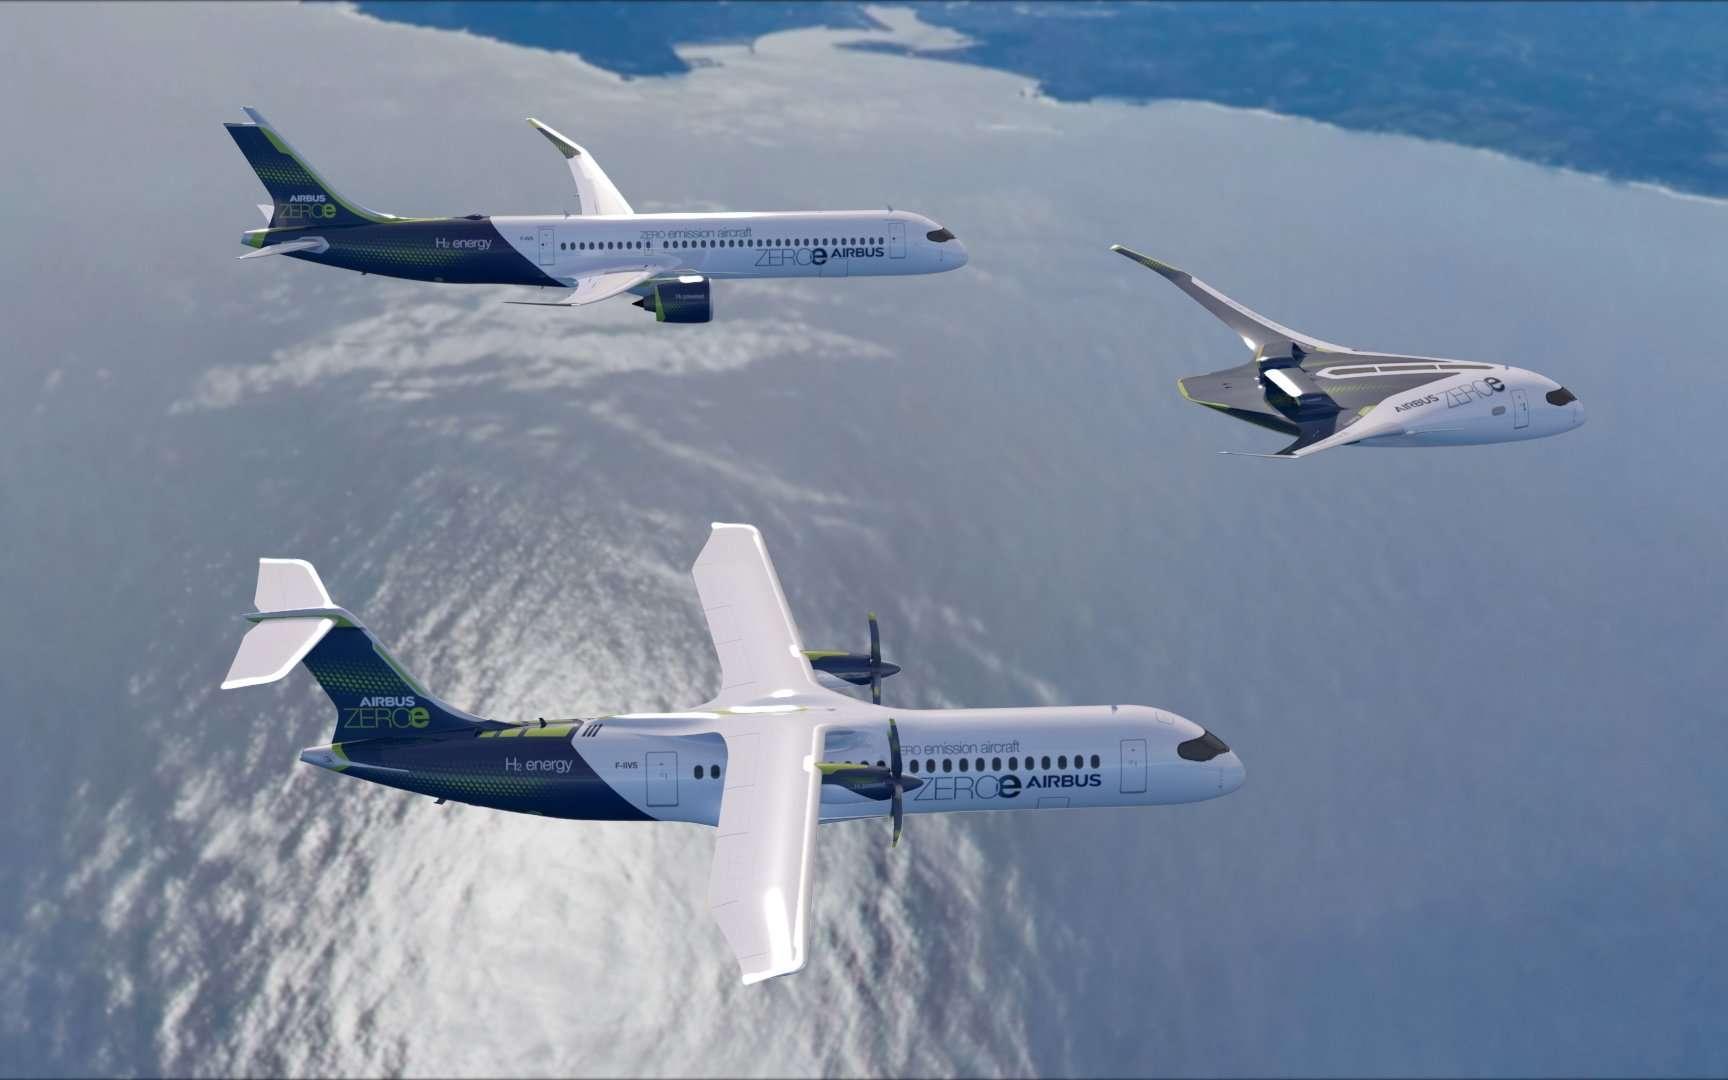 En 2035, Airbus prévoit de faire voler le premier avion commercial zéro émission avec trois concepts d'avion propulsés à l'hydrogène. © Airbus